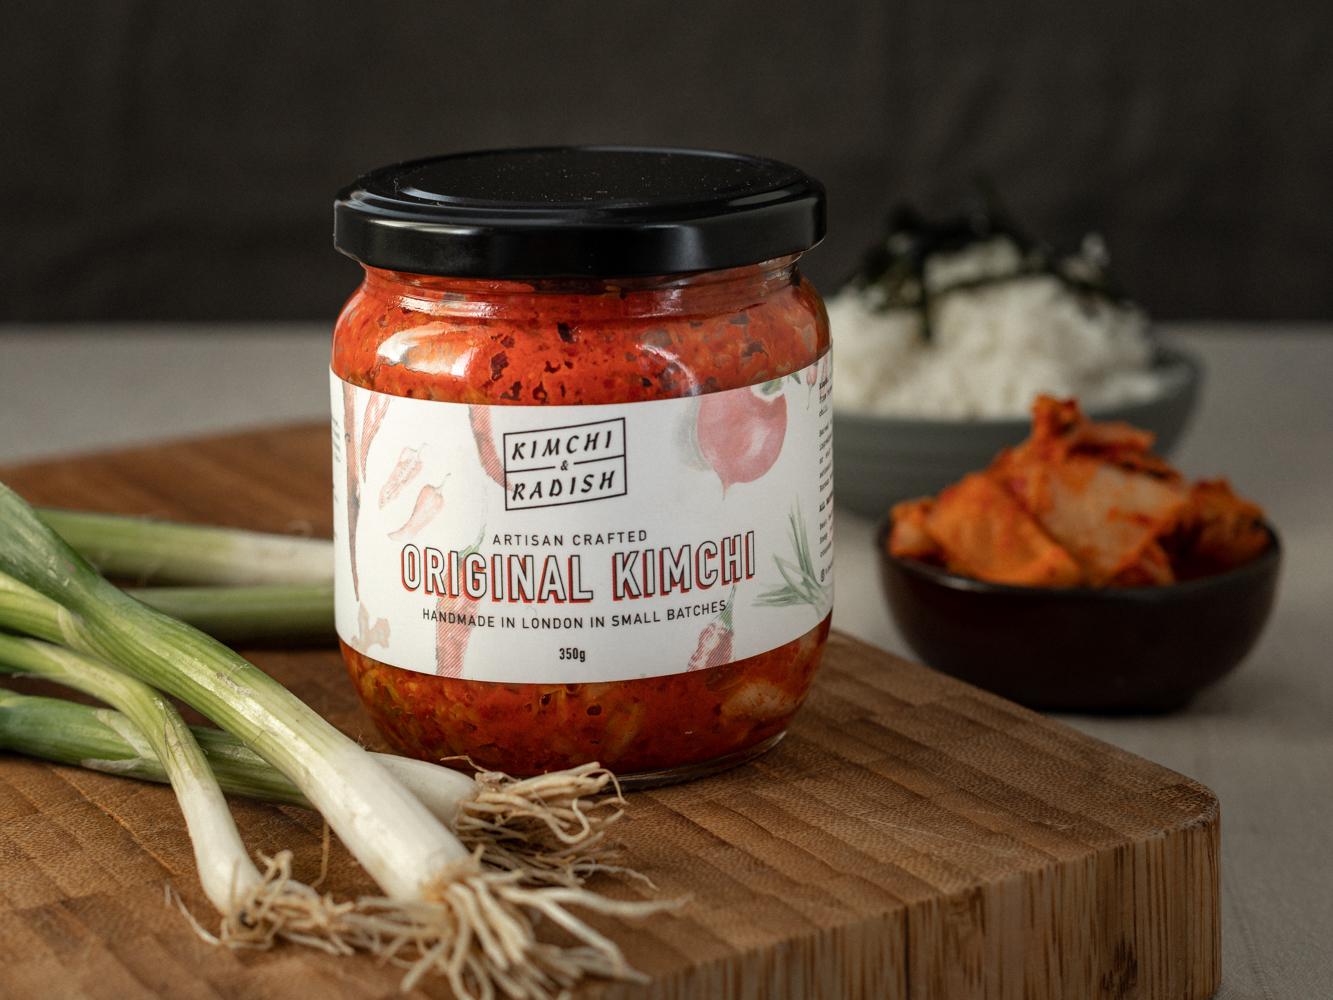 Original Kimchi